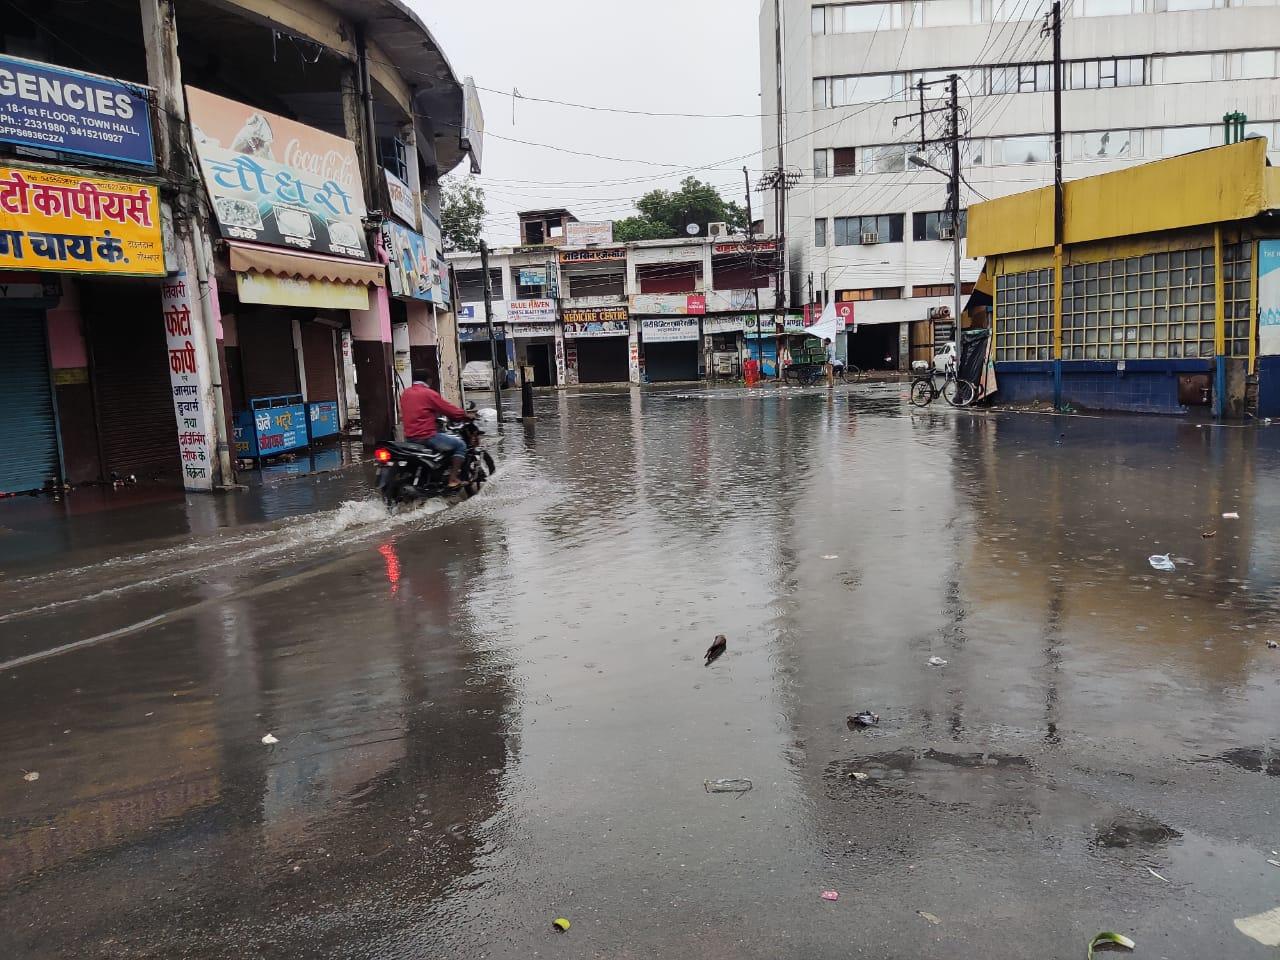 गोरखपुर में शनिवार की सुबह हुई झमाझम बारिश से शहर वासियों को उमस भरी गर्मी से राहत मिली।